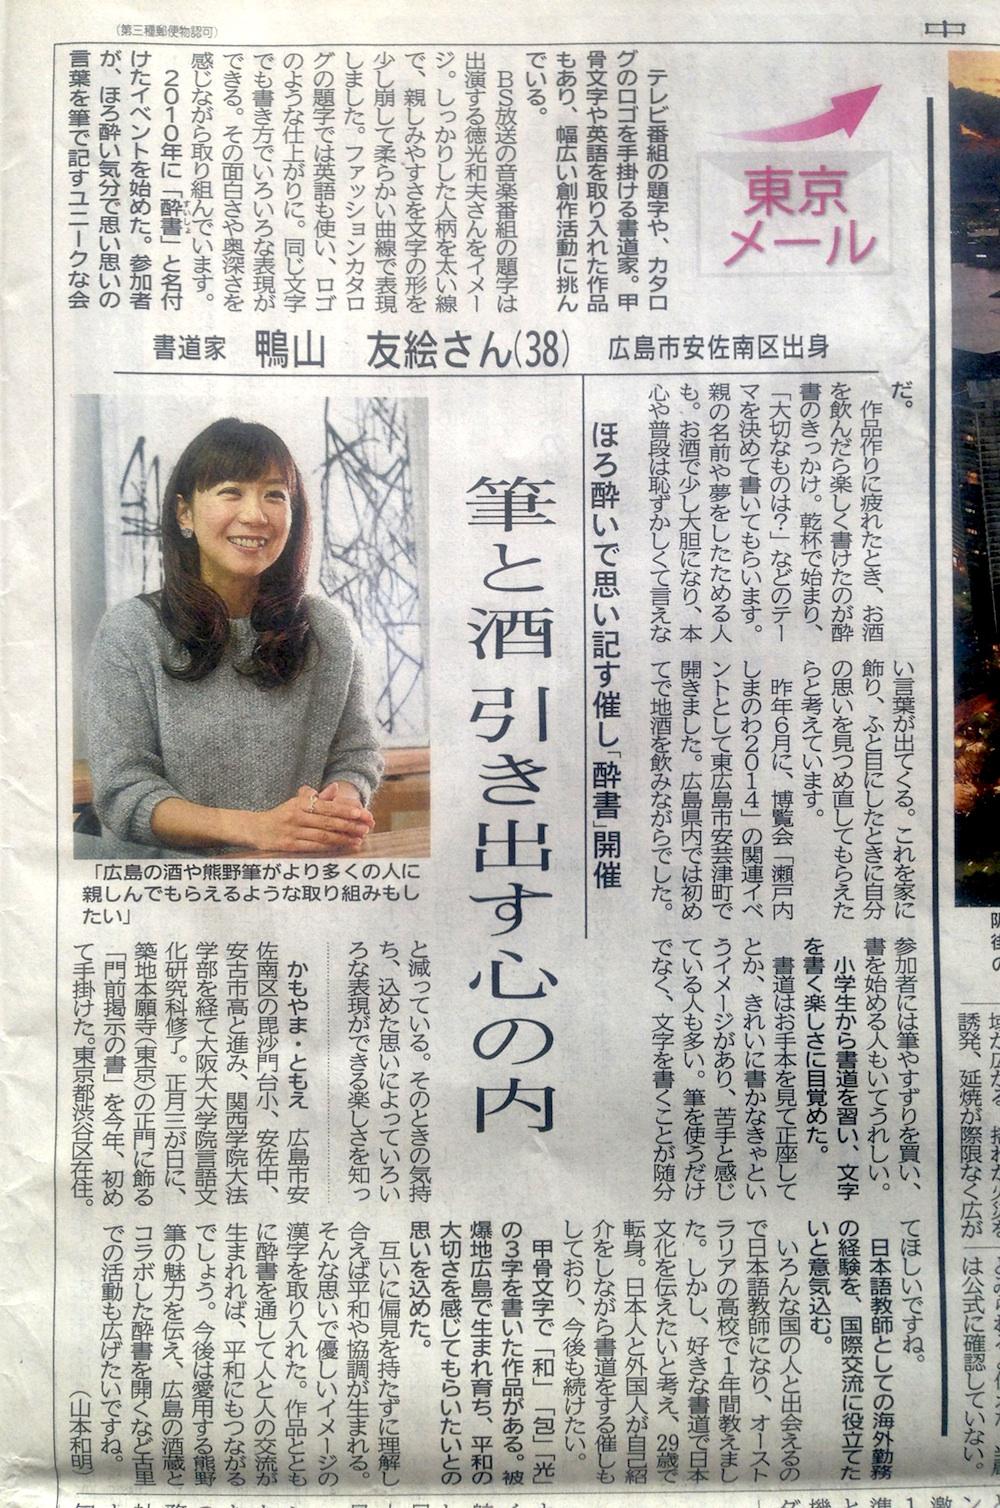 中国新聞・東京メール/ 鴨山友絵